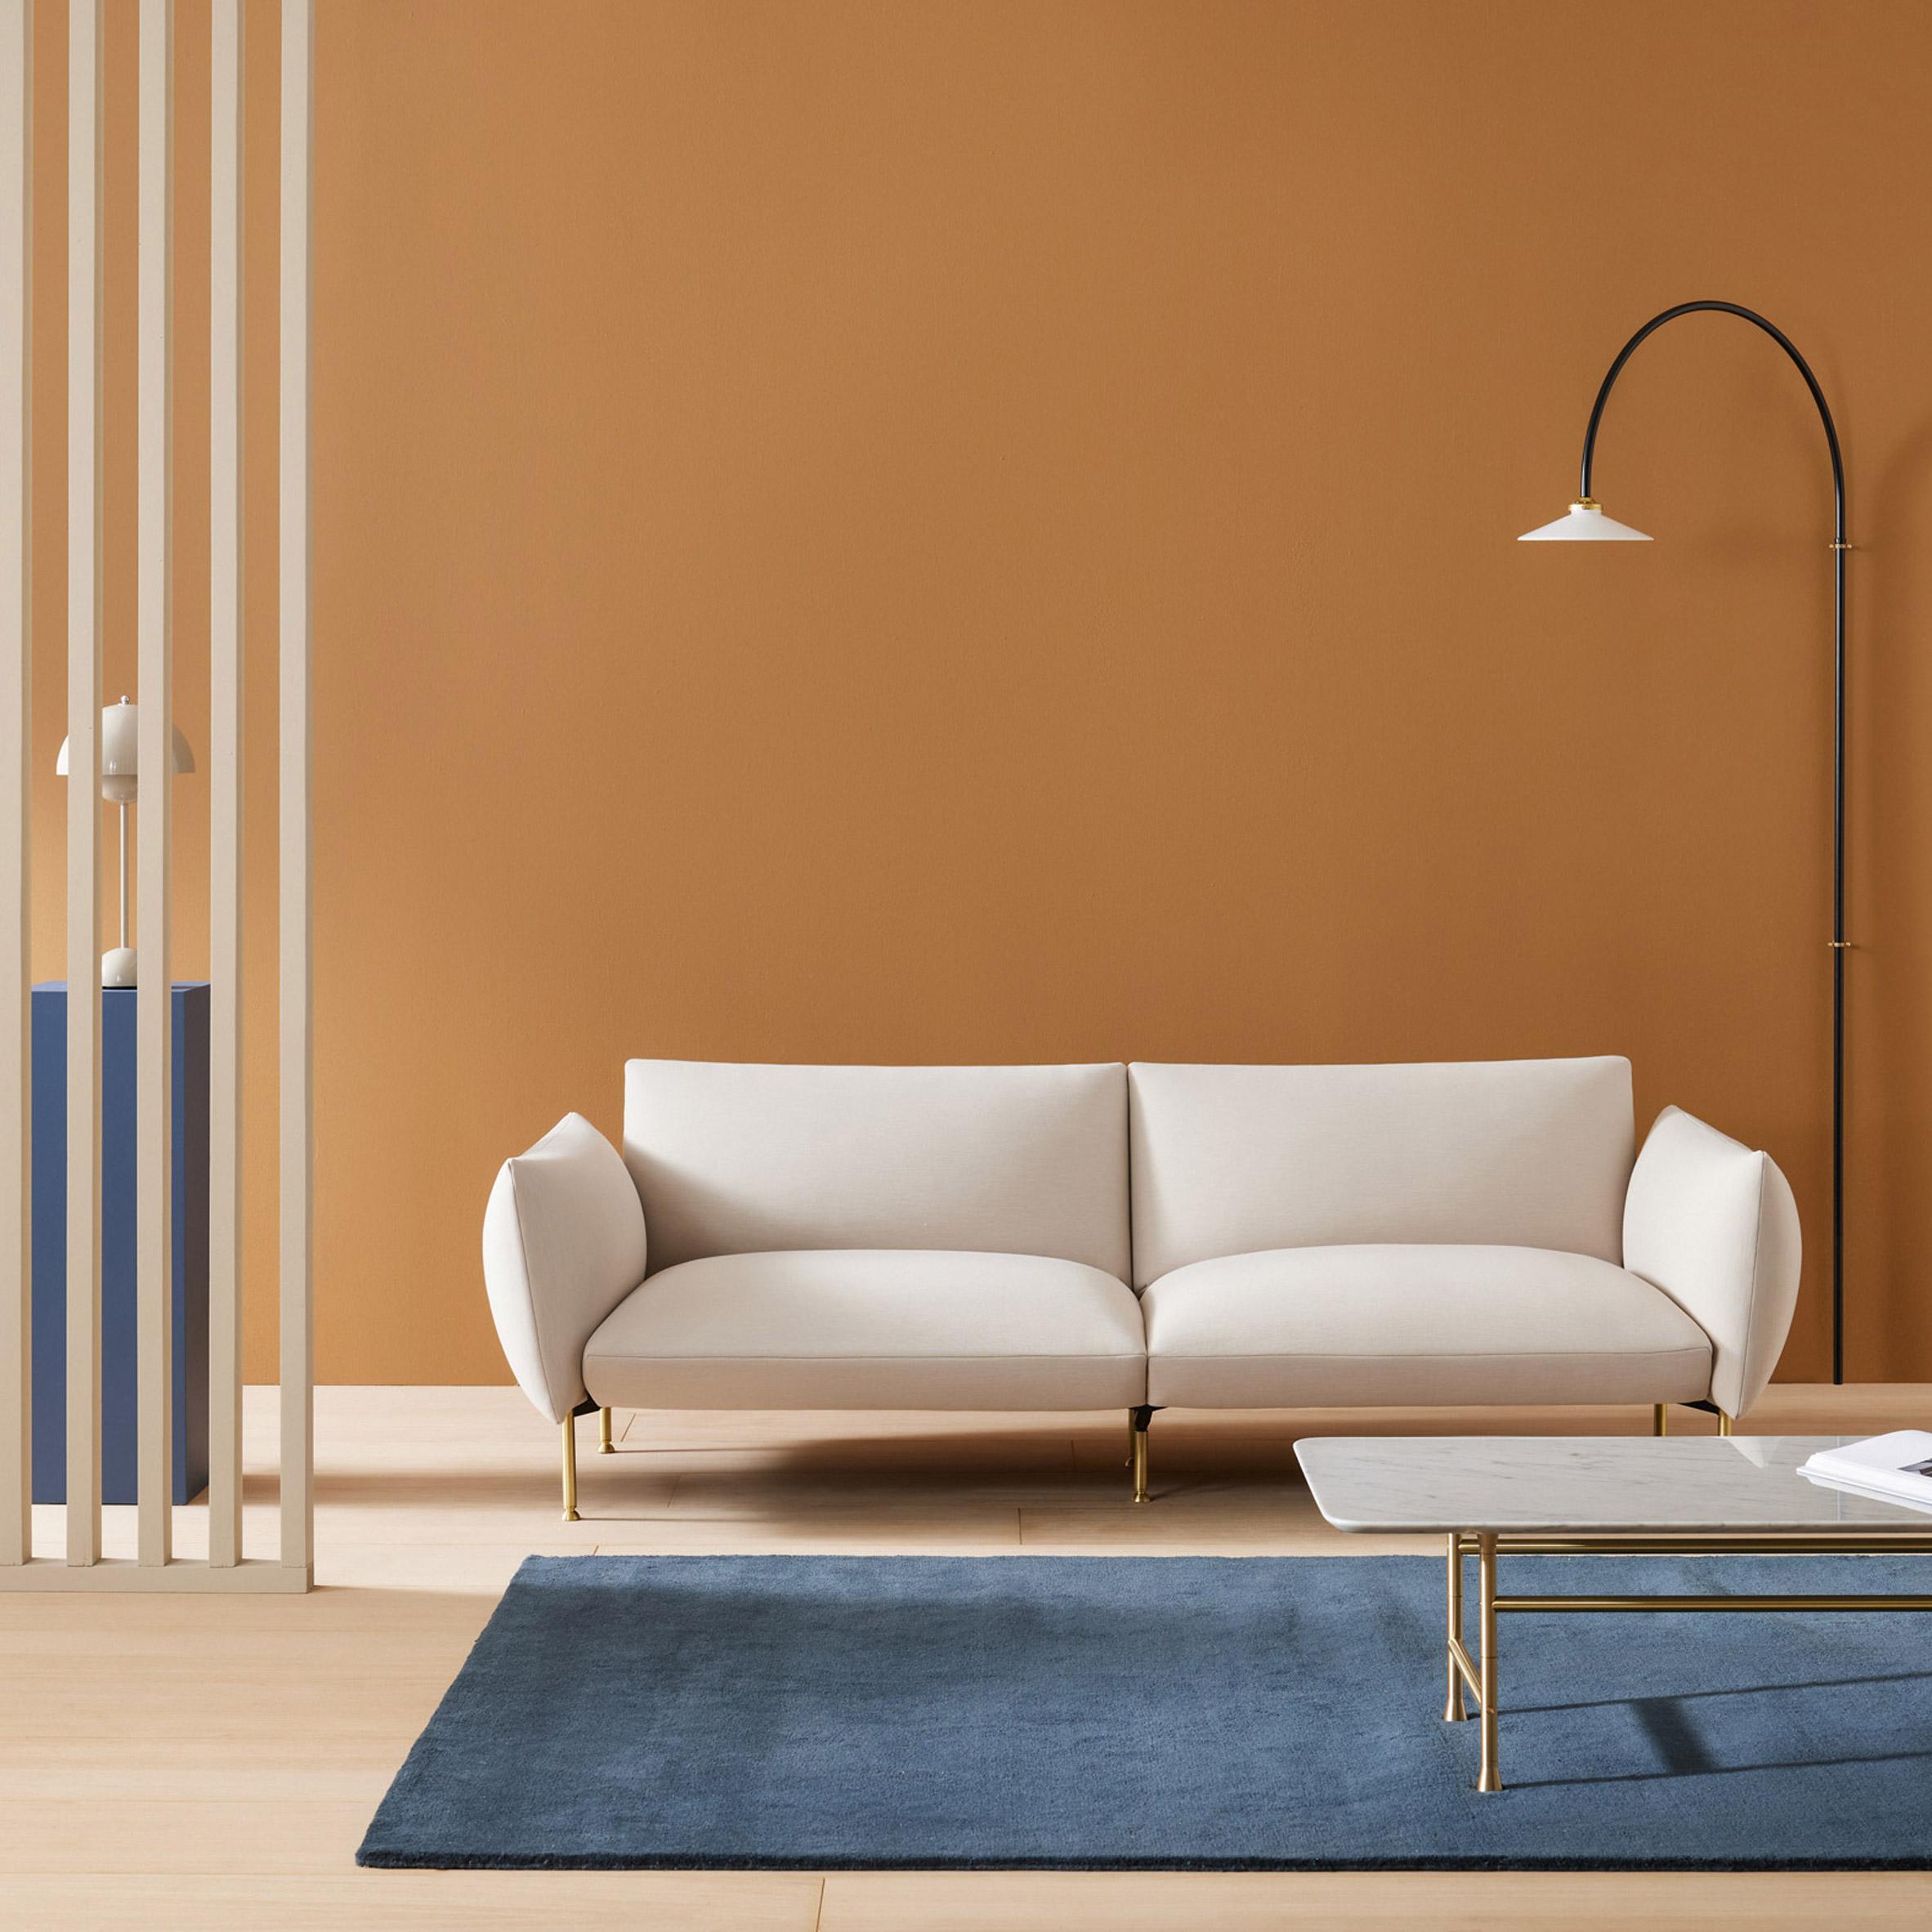 Nota sofa by Note Design for Basta